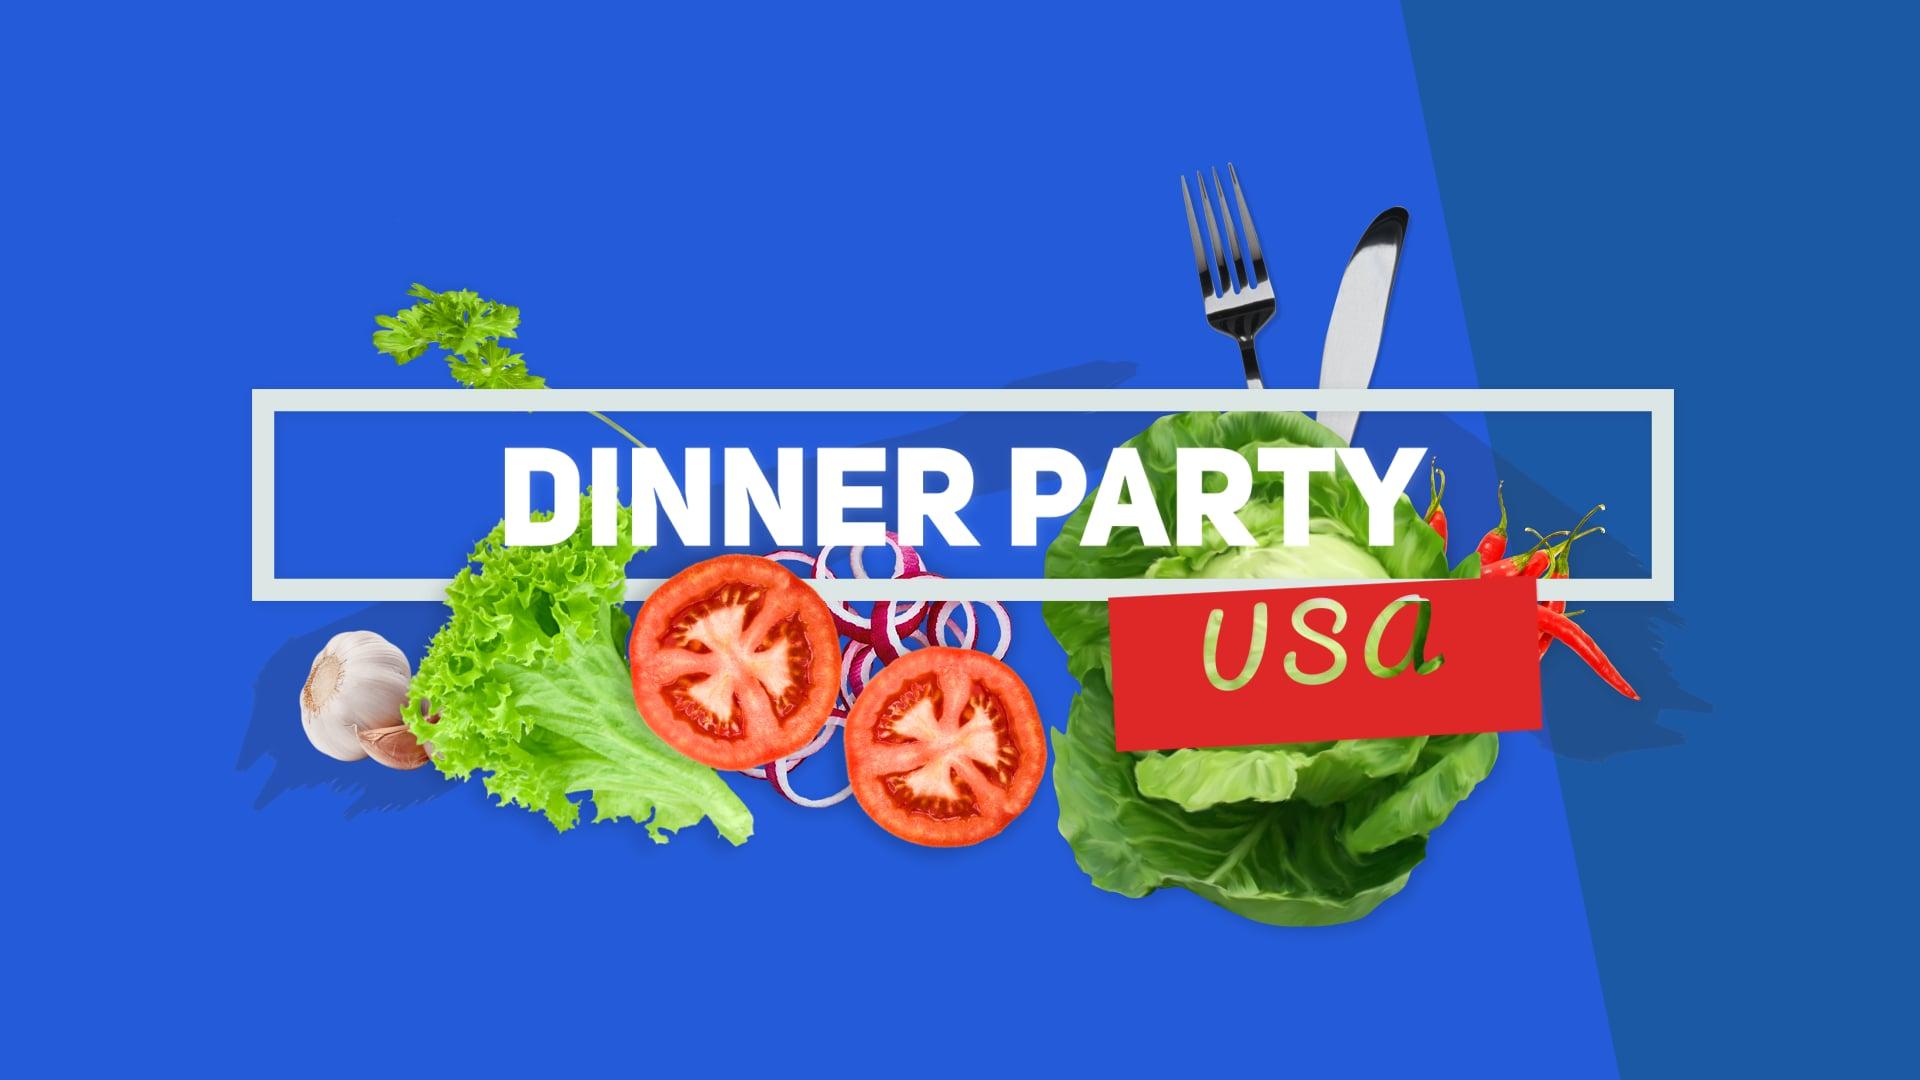 #DinnerPartyUSA